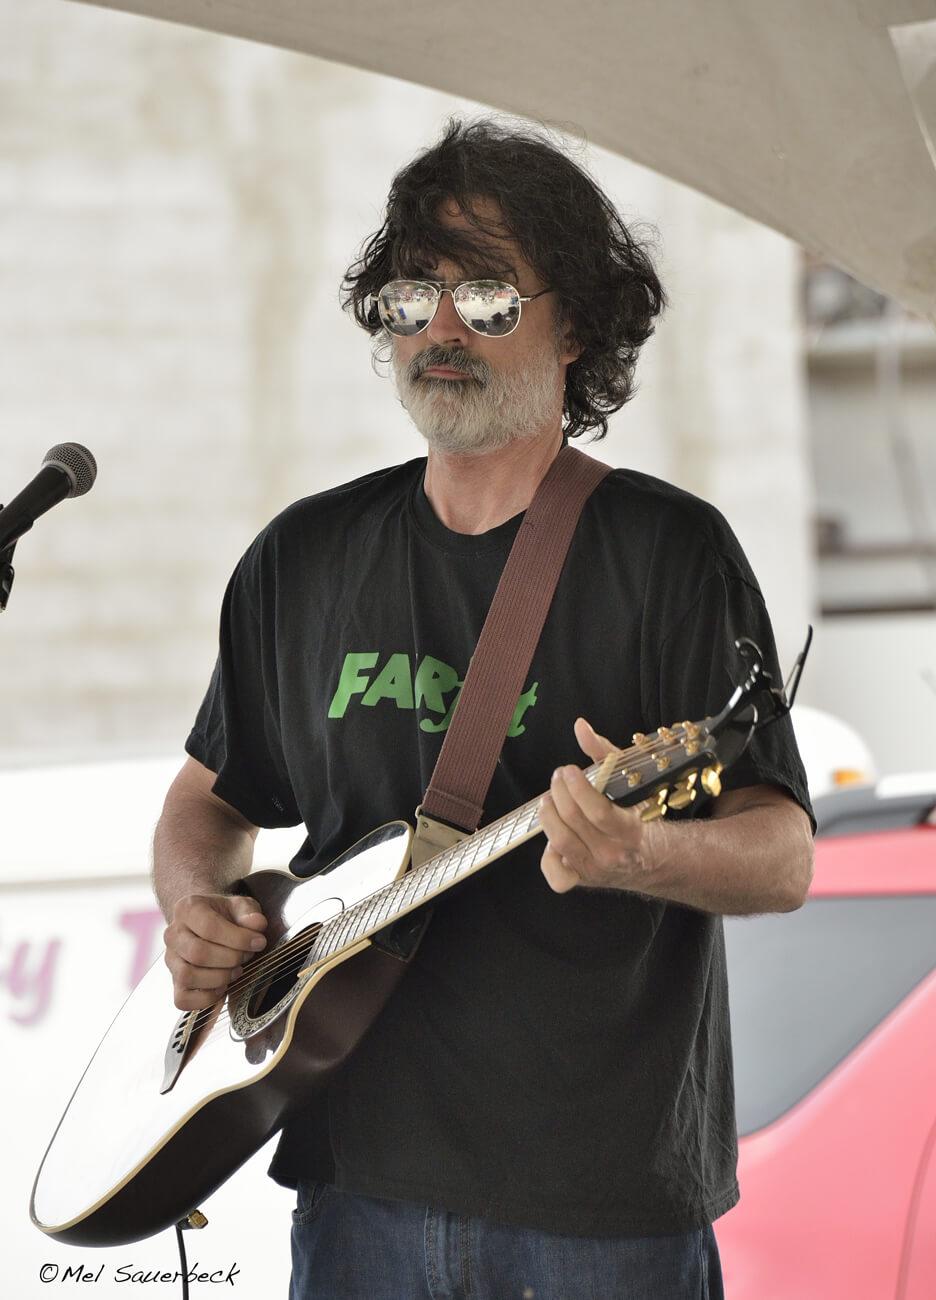 FairFest Music Festival